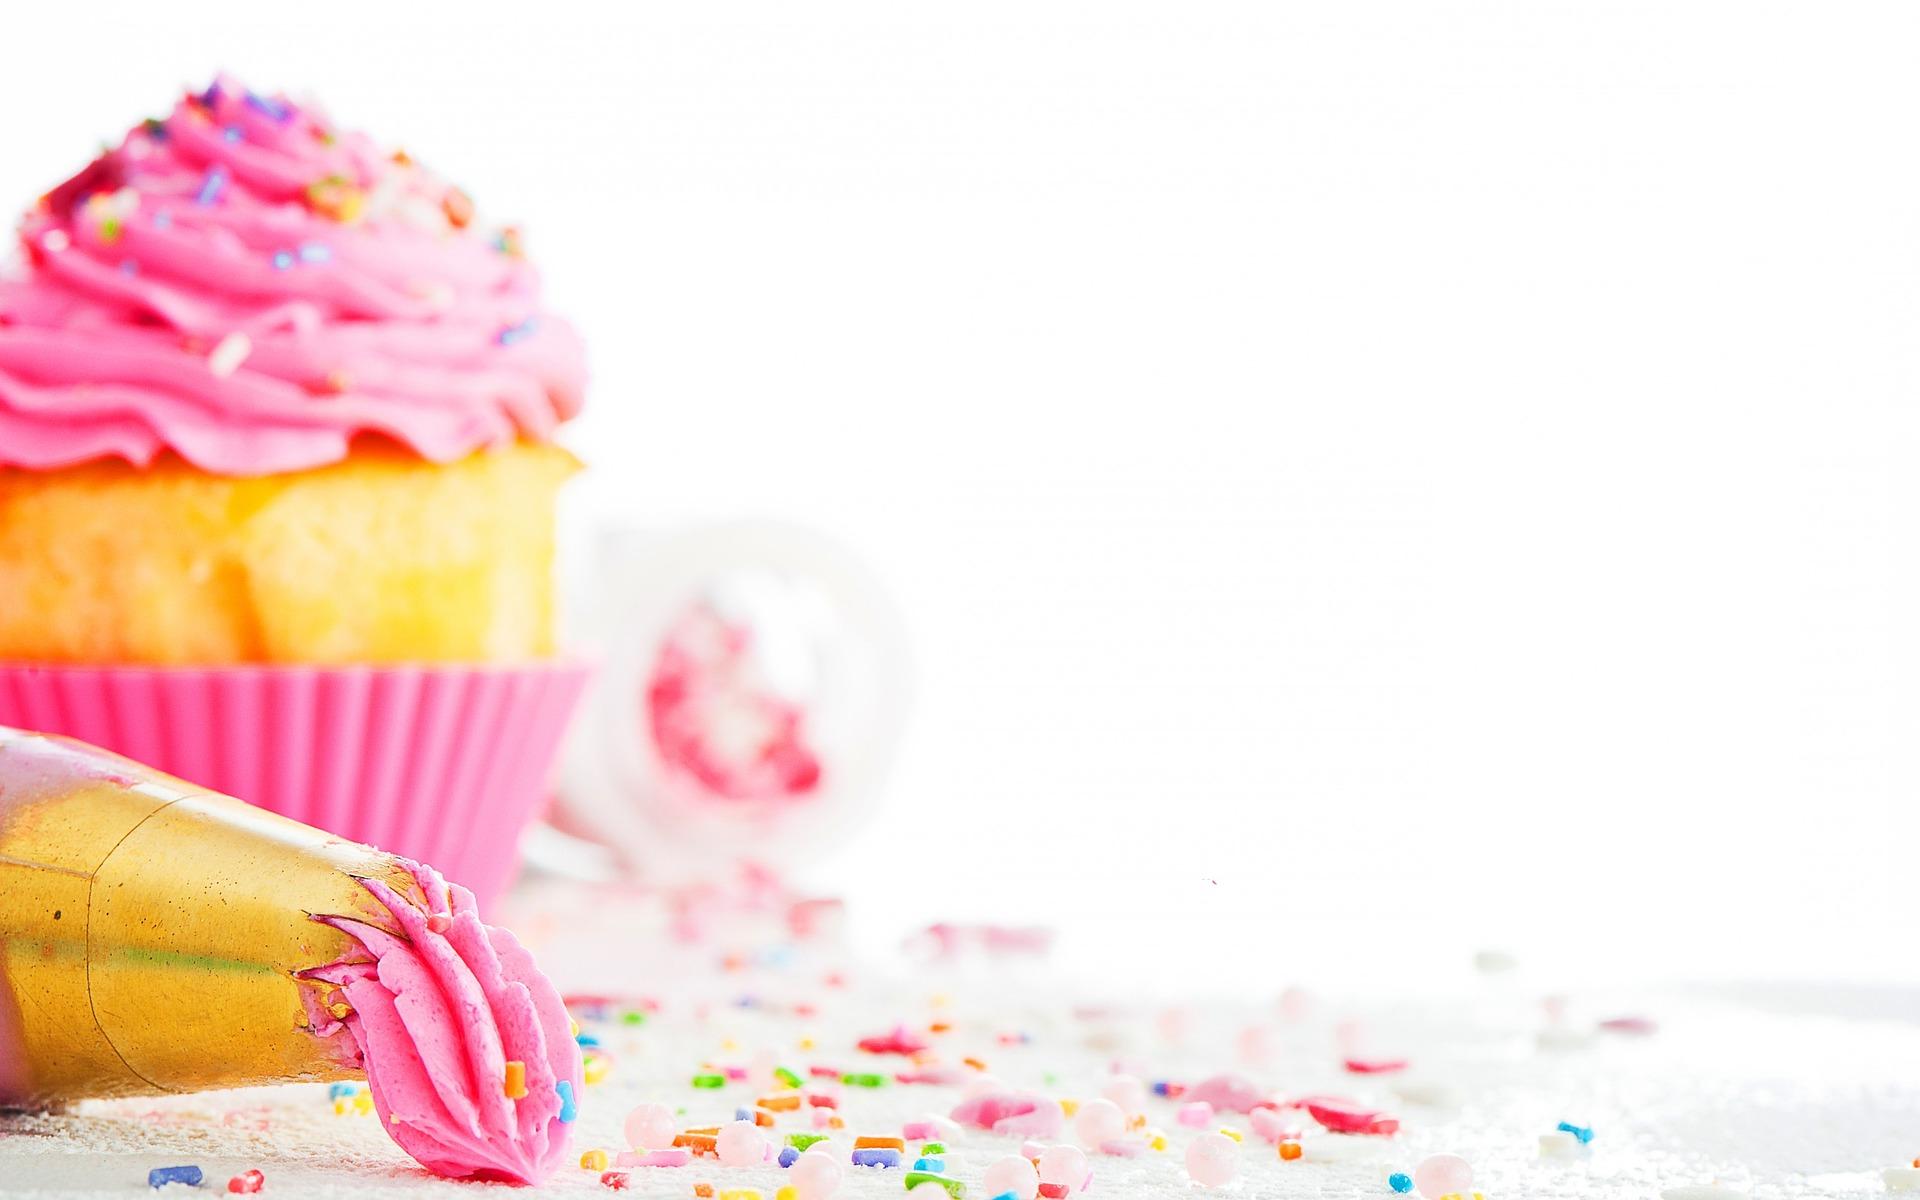 Schoko küsst Himbeer Cupcake